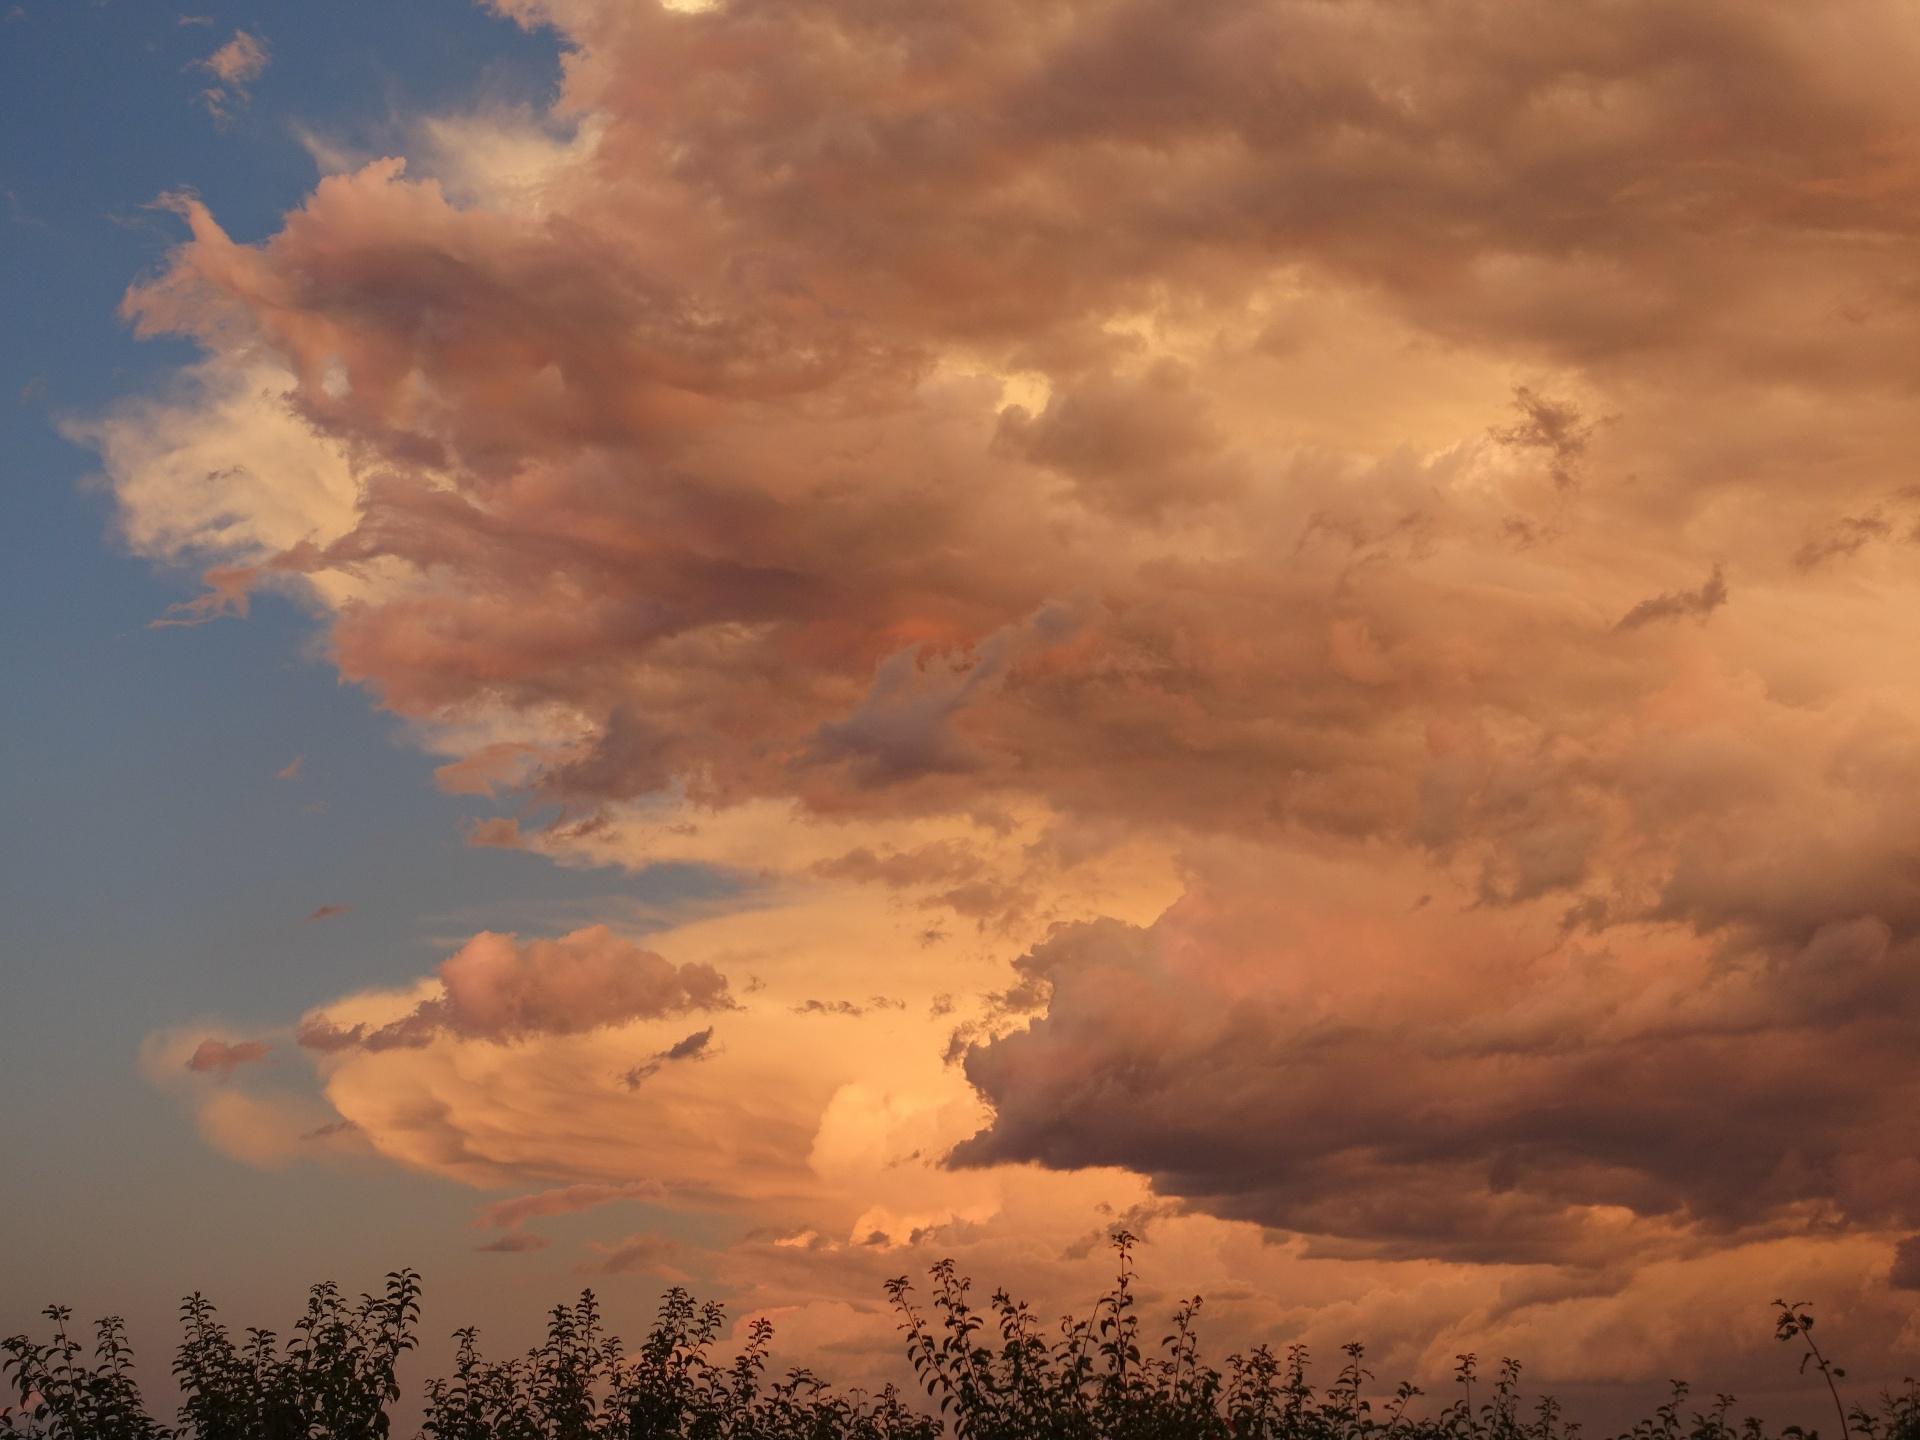 Gewitterstimmung am Abend - Süddakota